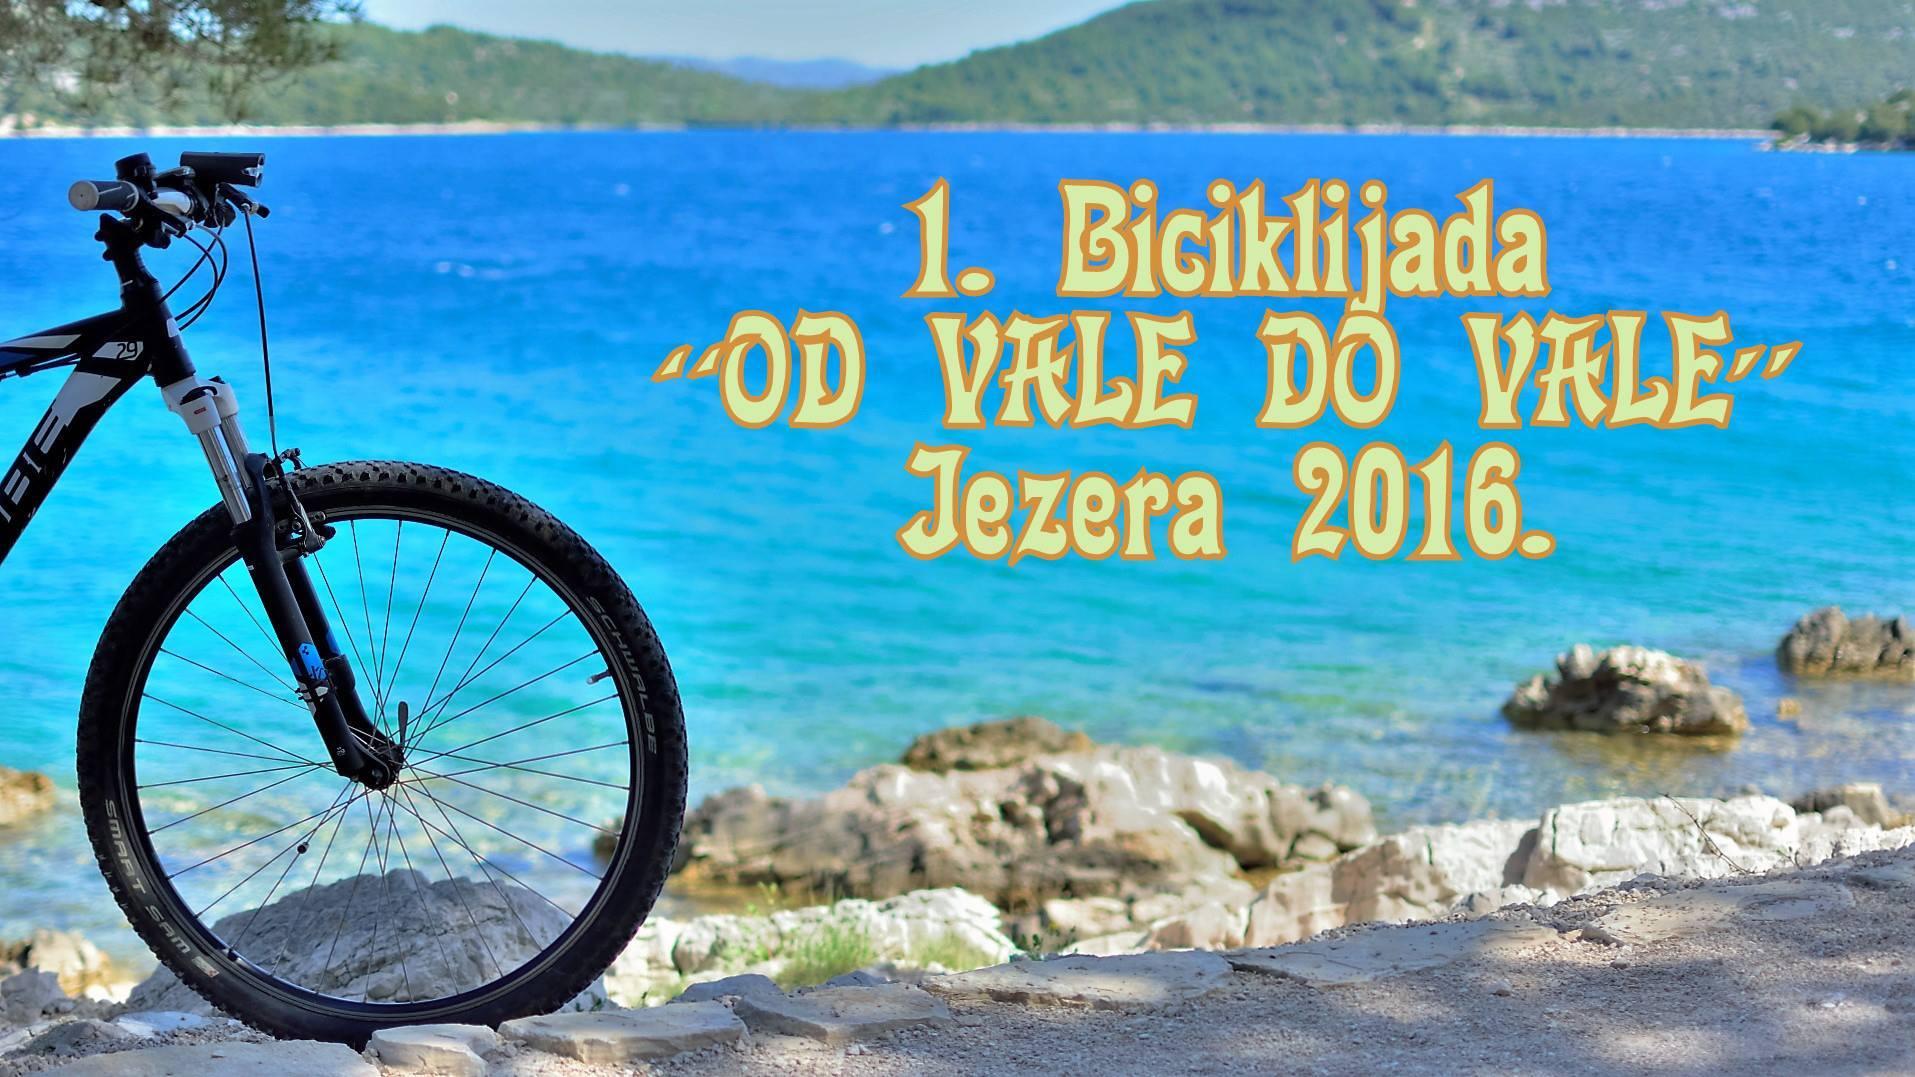 """1.Biciklijada """"OD VALE Do VALE"""" Jezera 2016"""